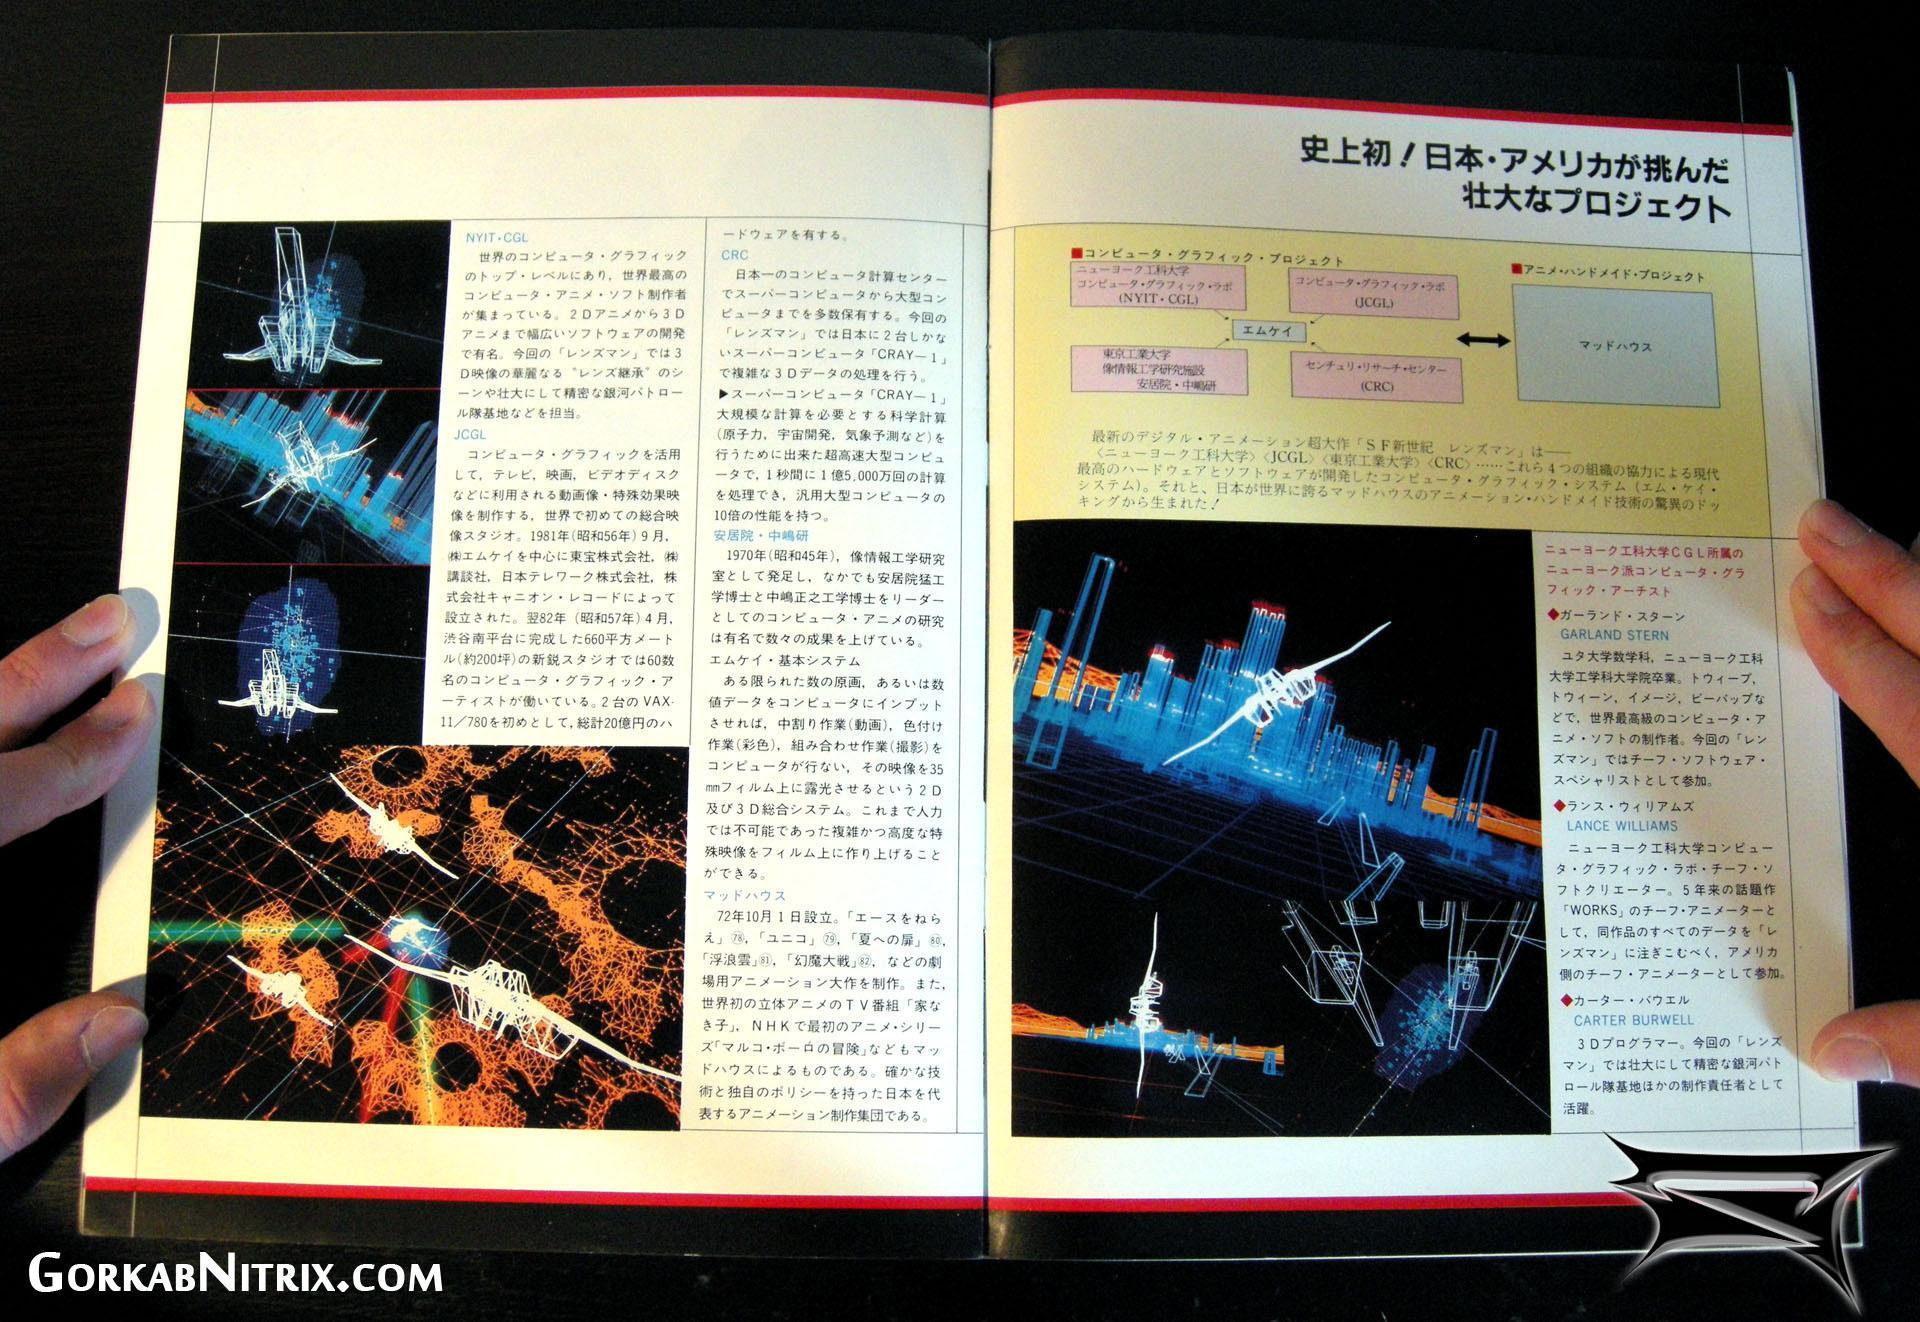 L'une des sources de l'\u00e9pisode 9 sur les images de synth\u00e8se des premiers animes !